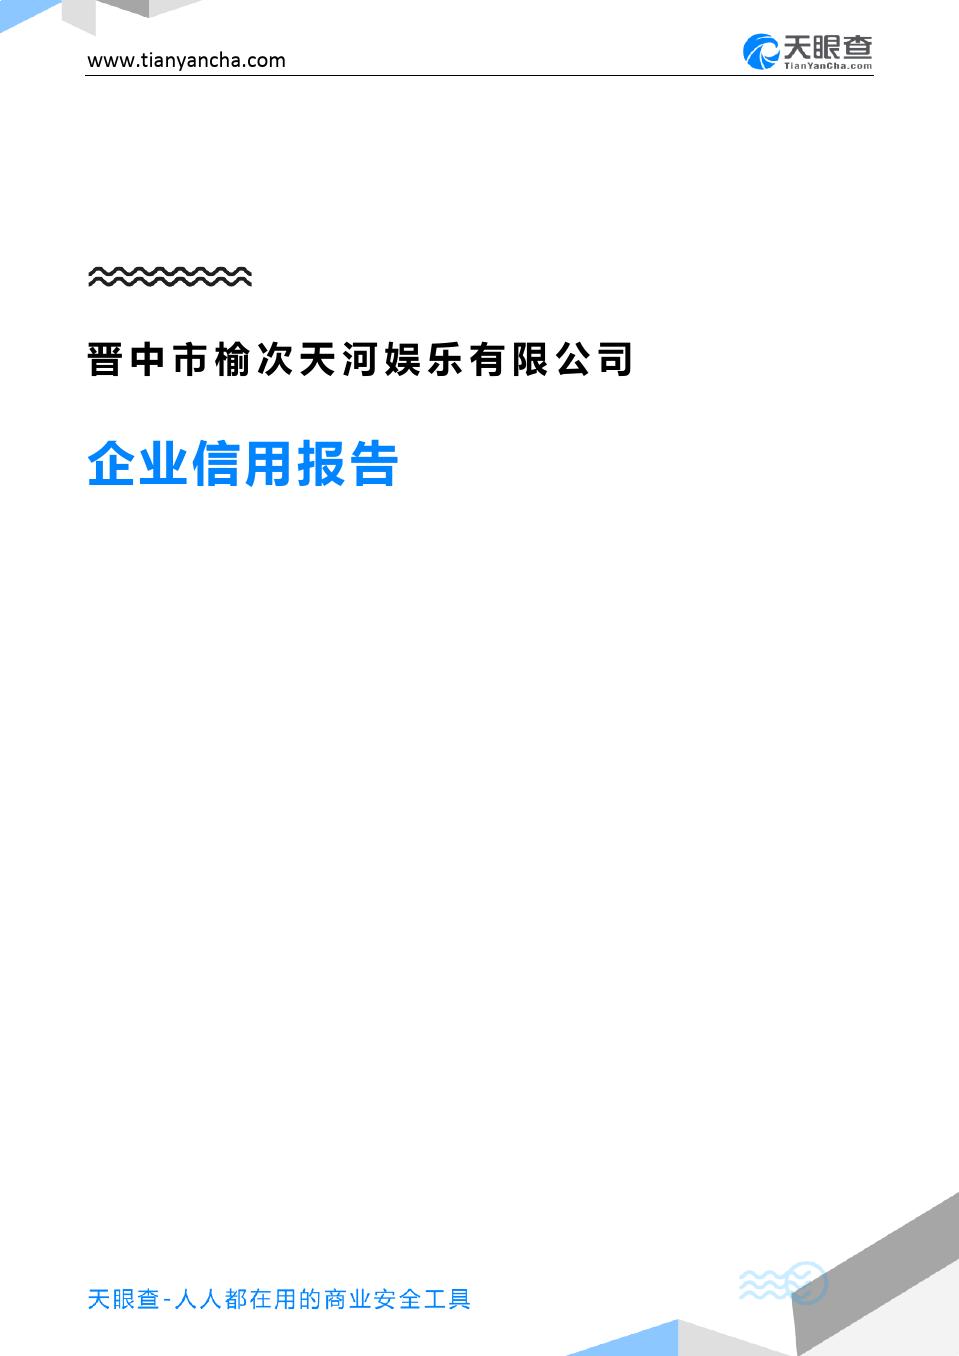 晋中市榆次天河娱乐有限公司(企业信用报告)- 天眼查